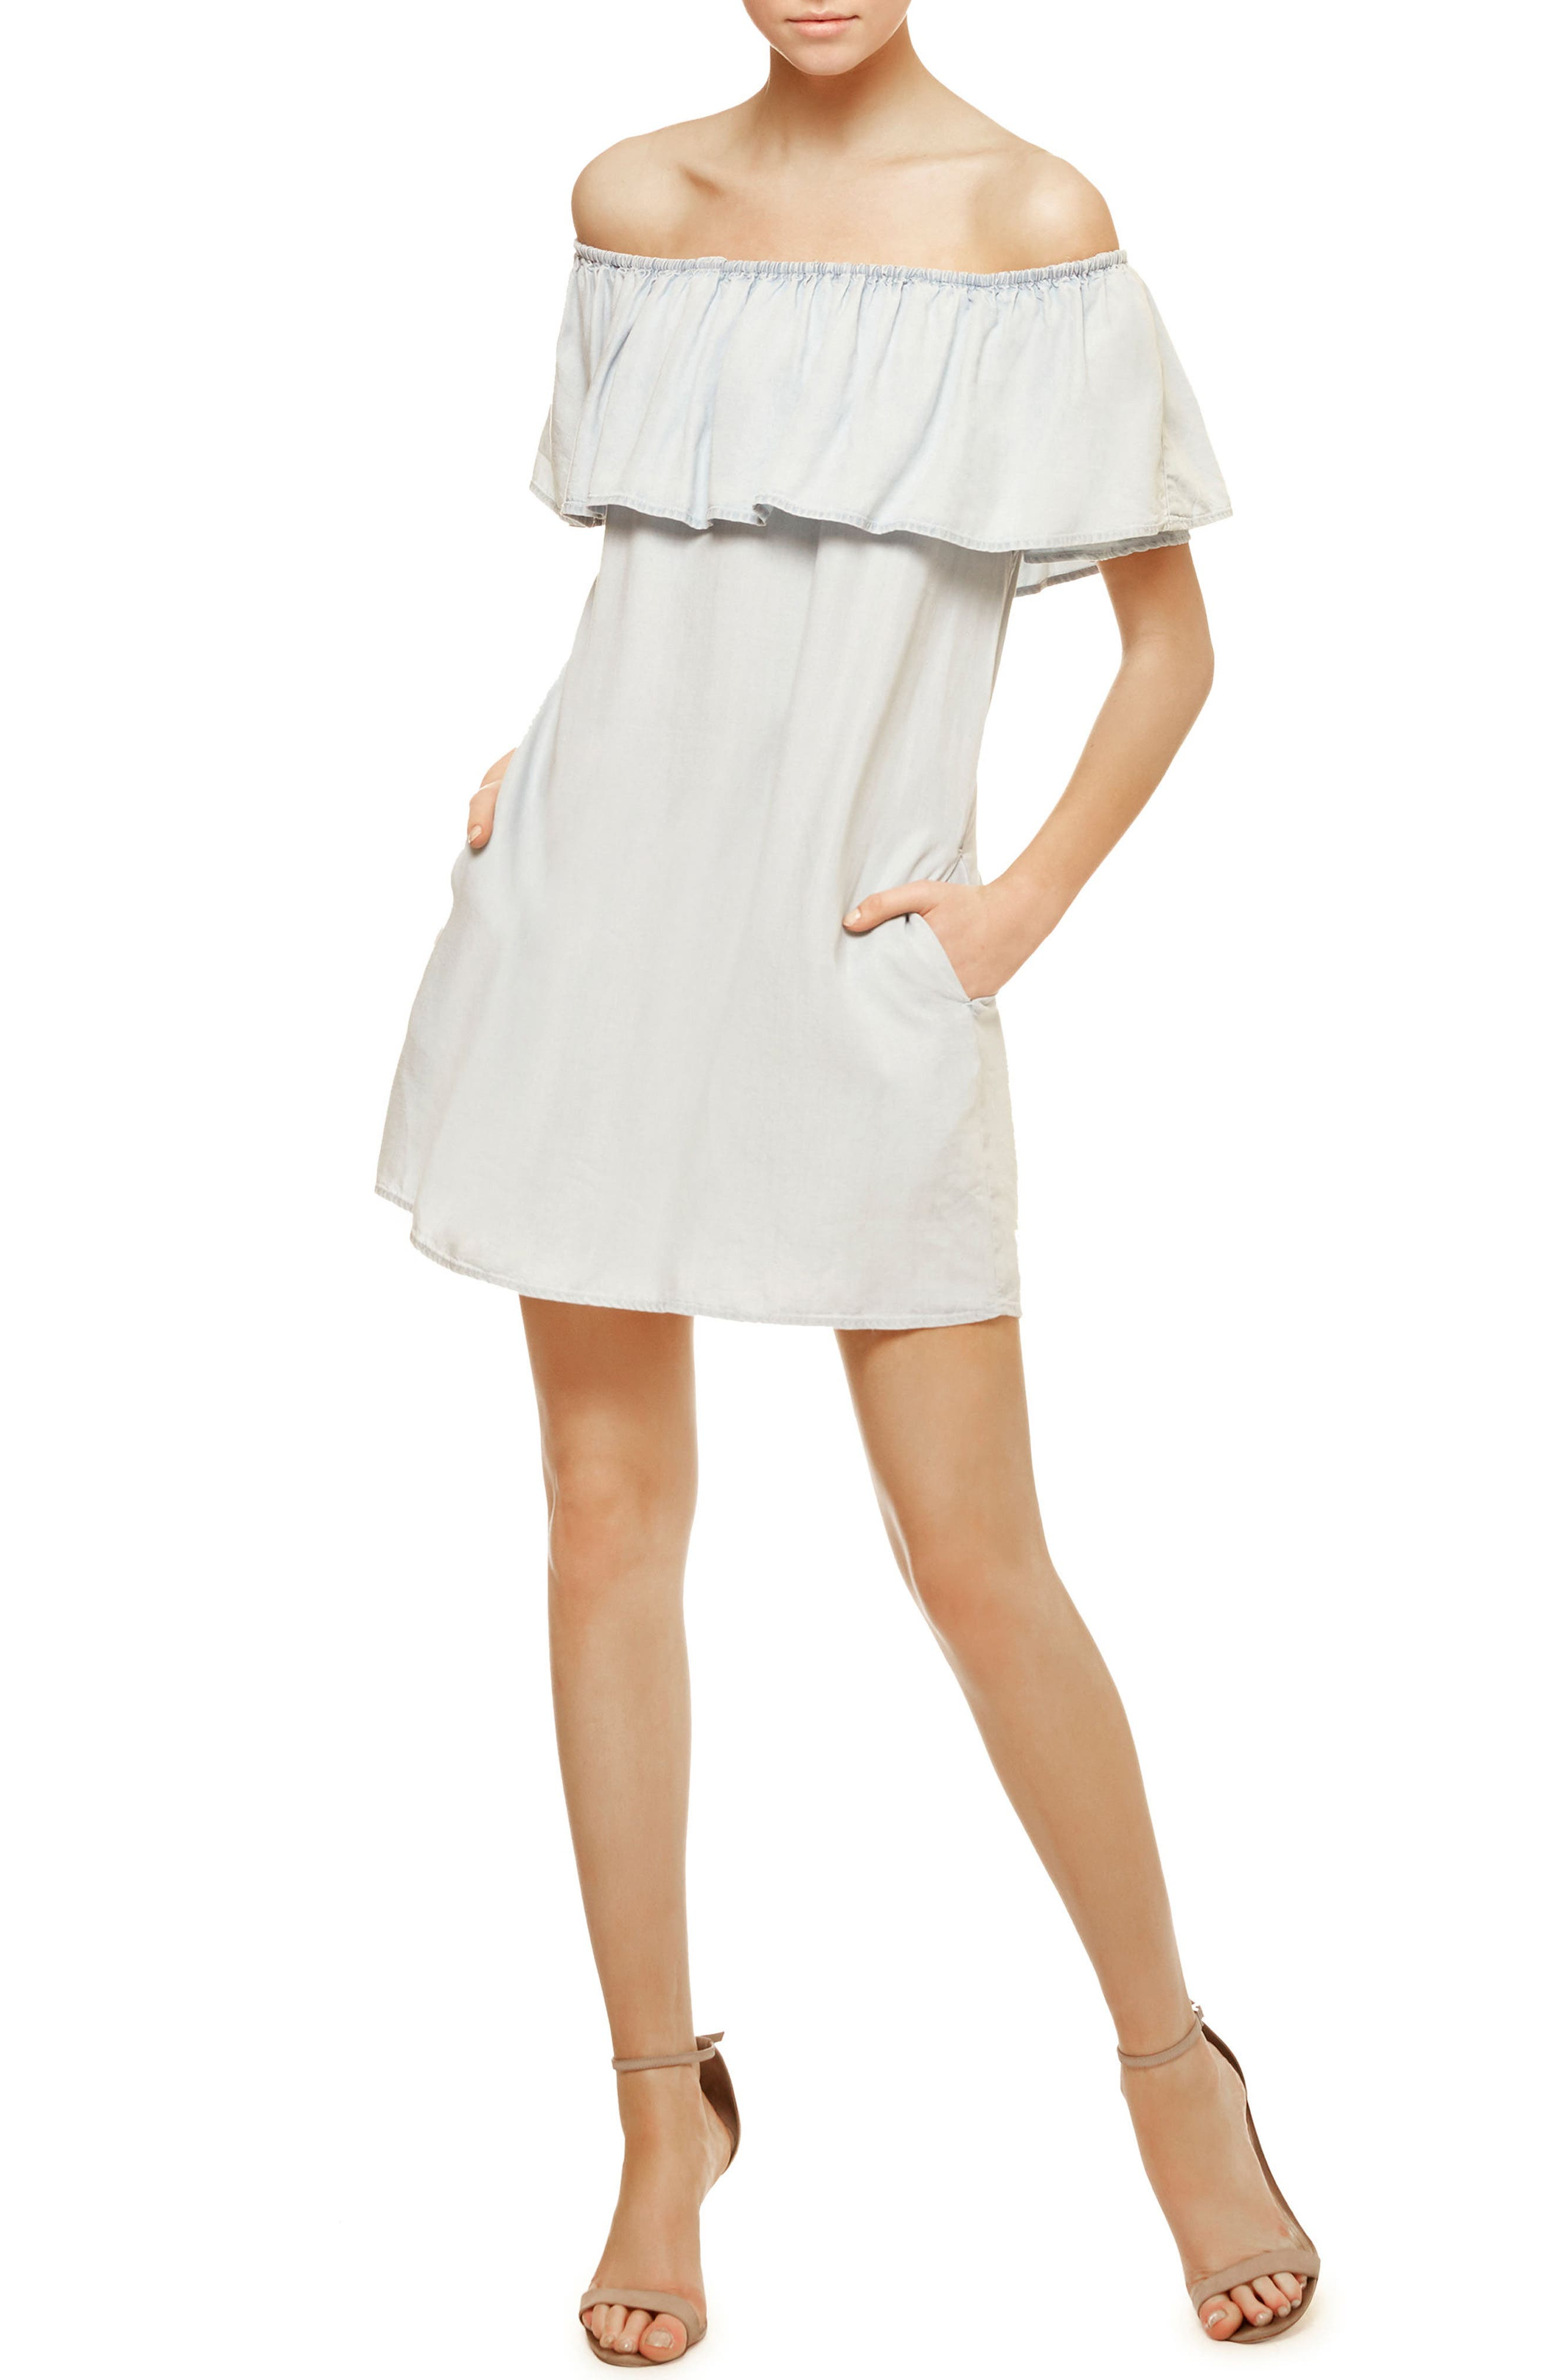 Stella Chambray Off the Shoulder Dress,                             Main thumbnail 1, color,                             400